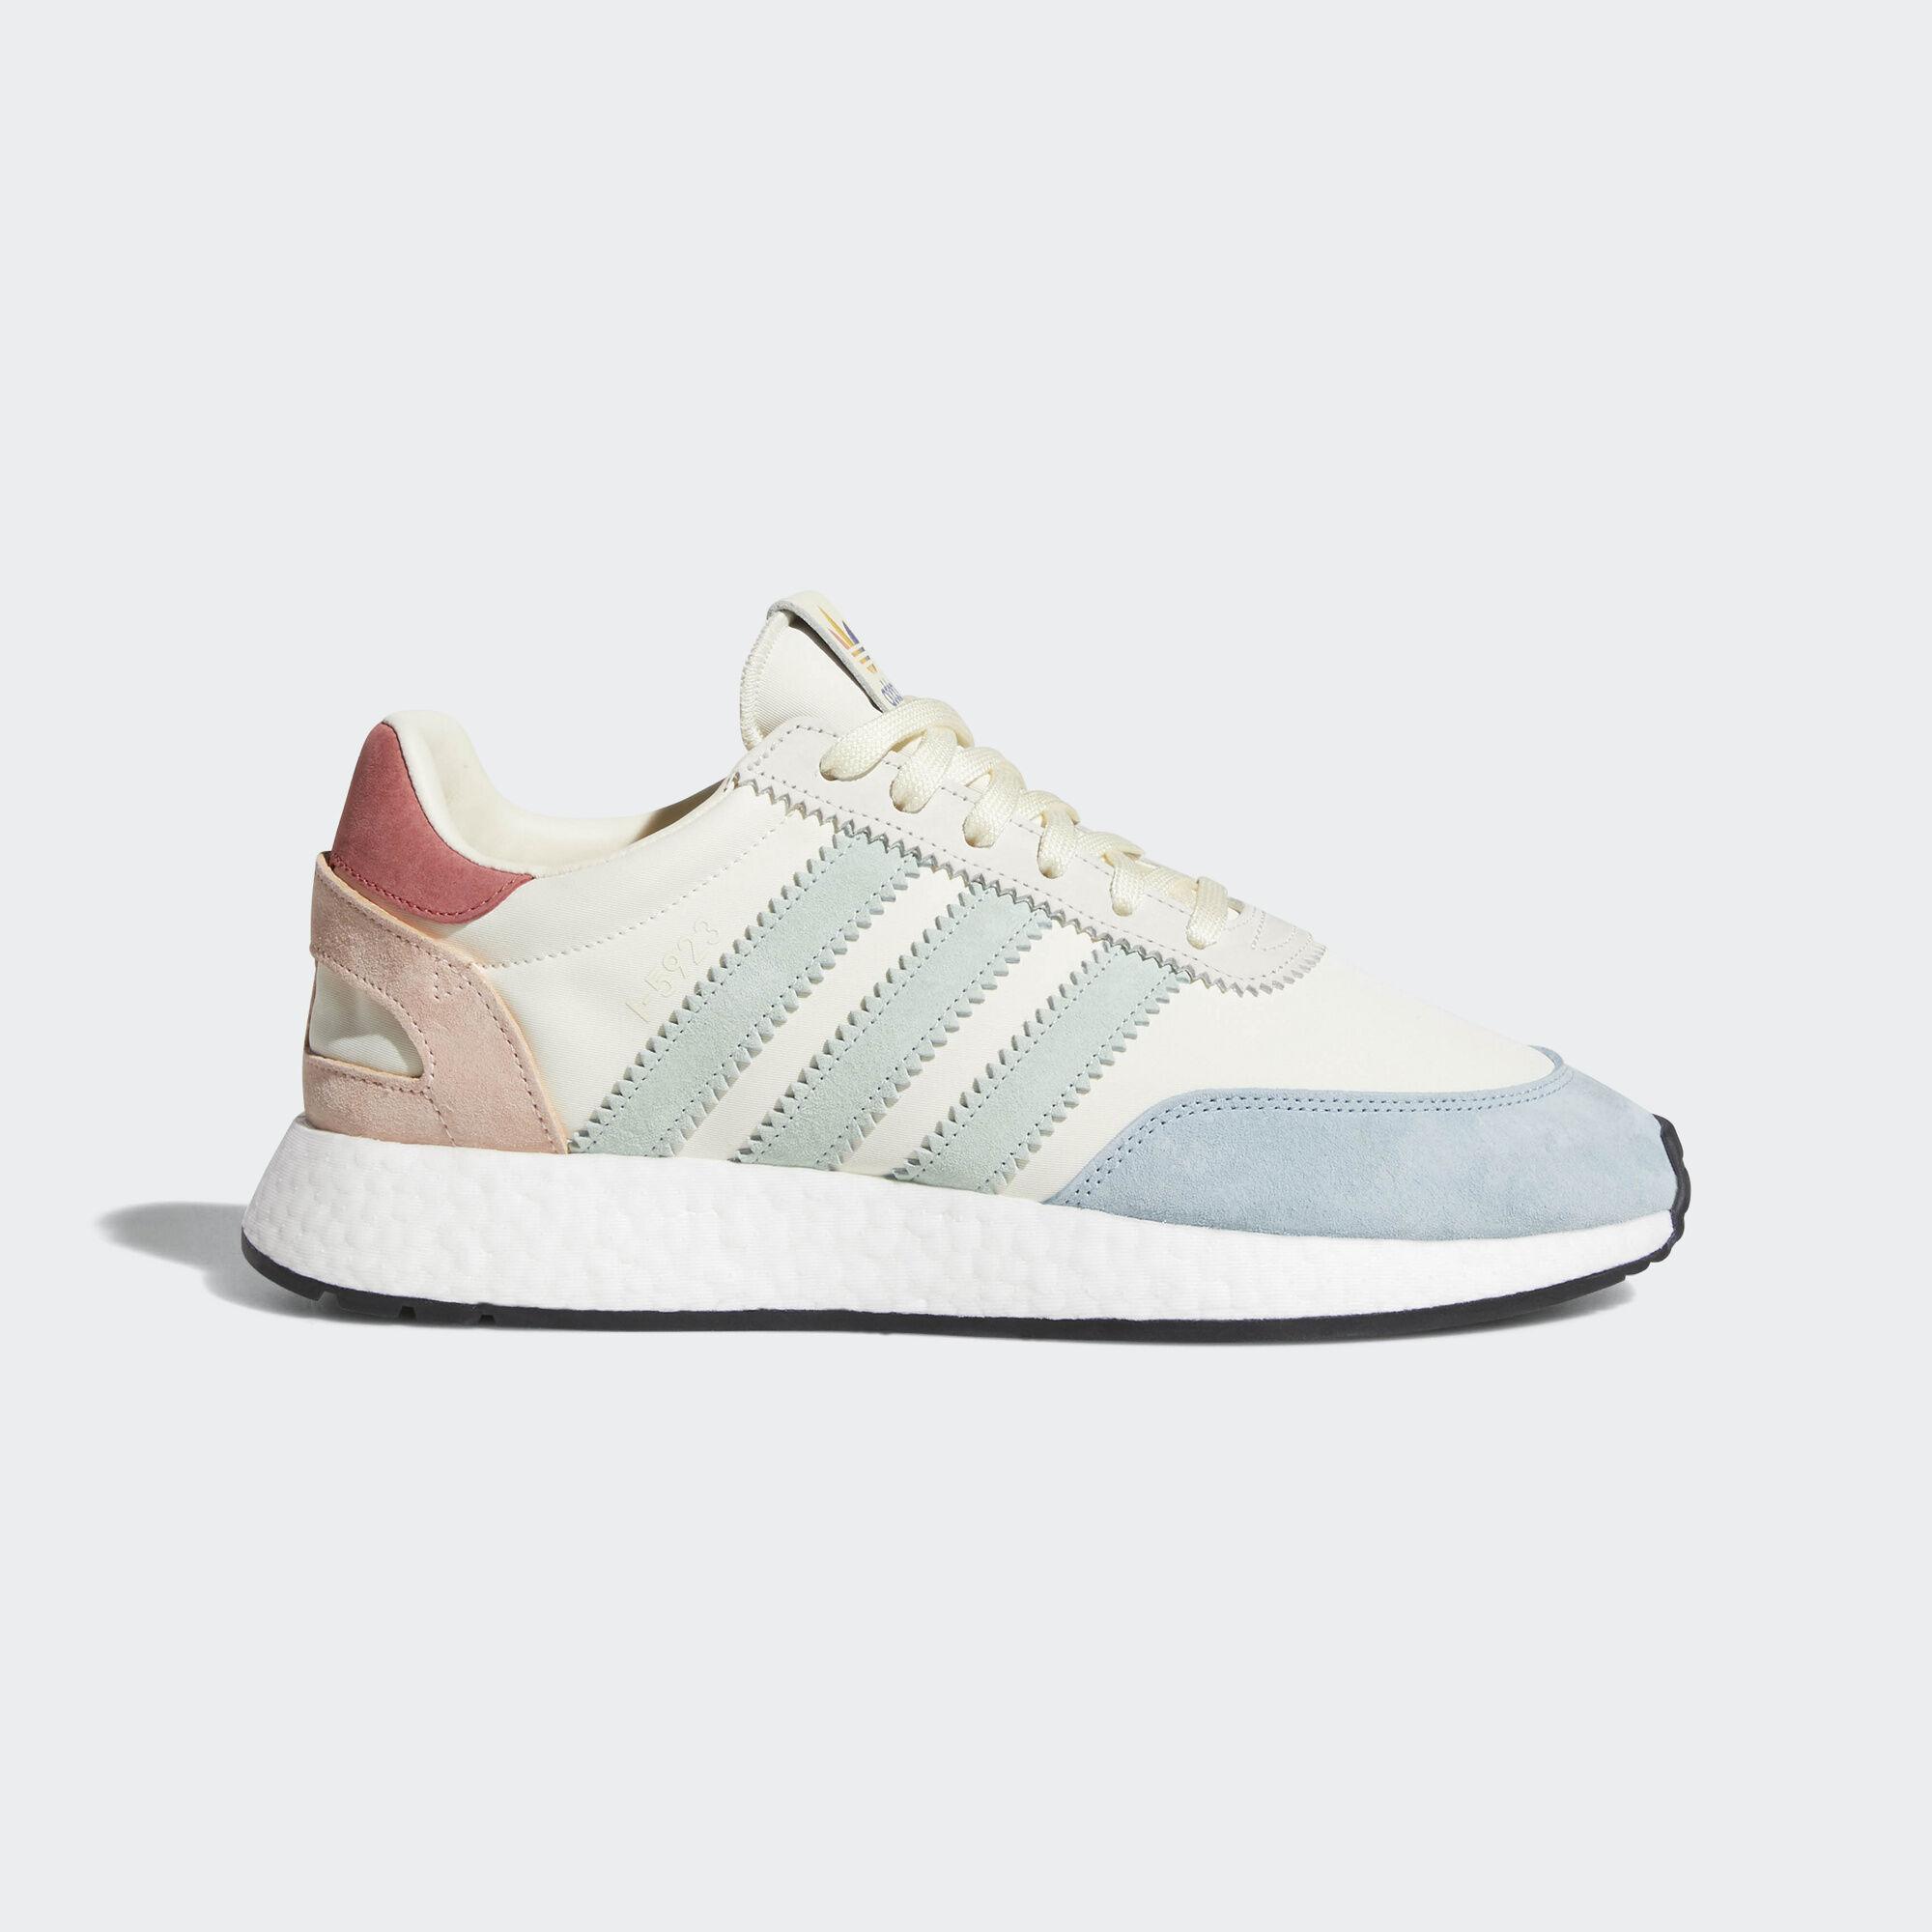 adidas - I-5923 Runner Pride Shoes Multicolor B41984 255711af48d2